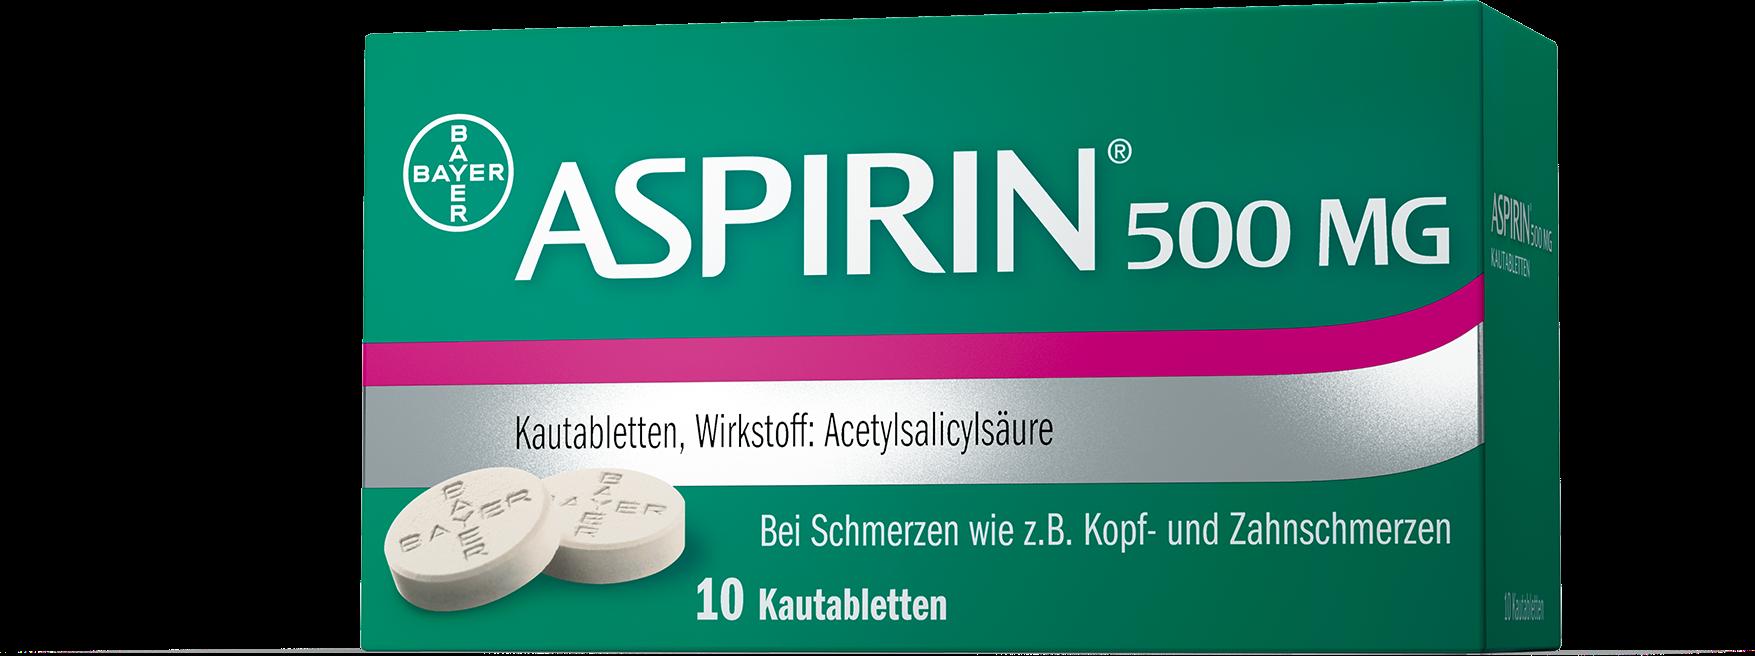 Aspirin® 500 mg Kautabletten